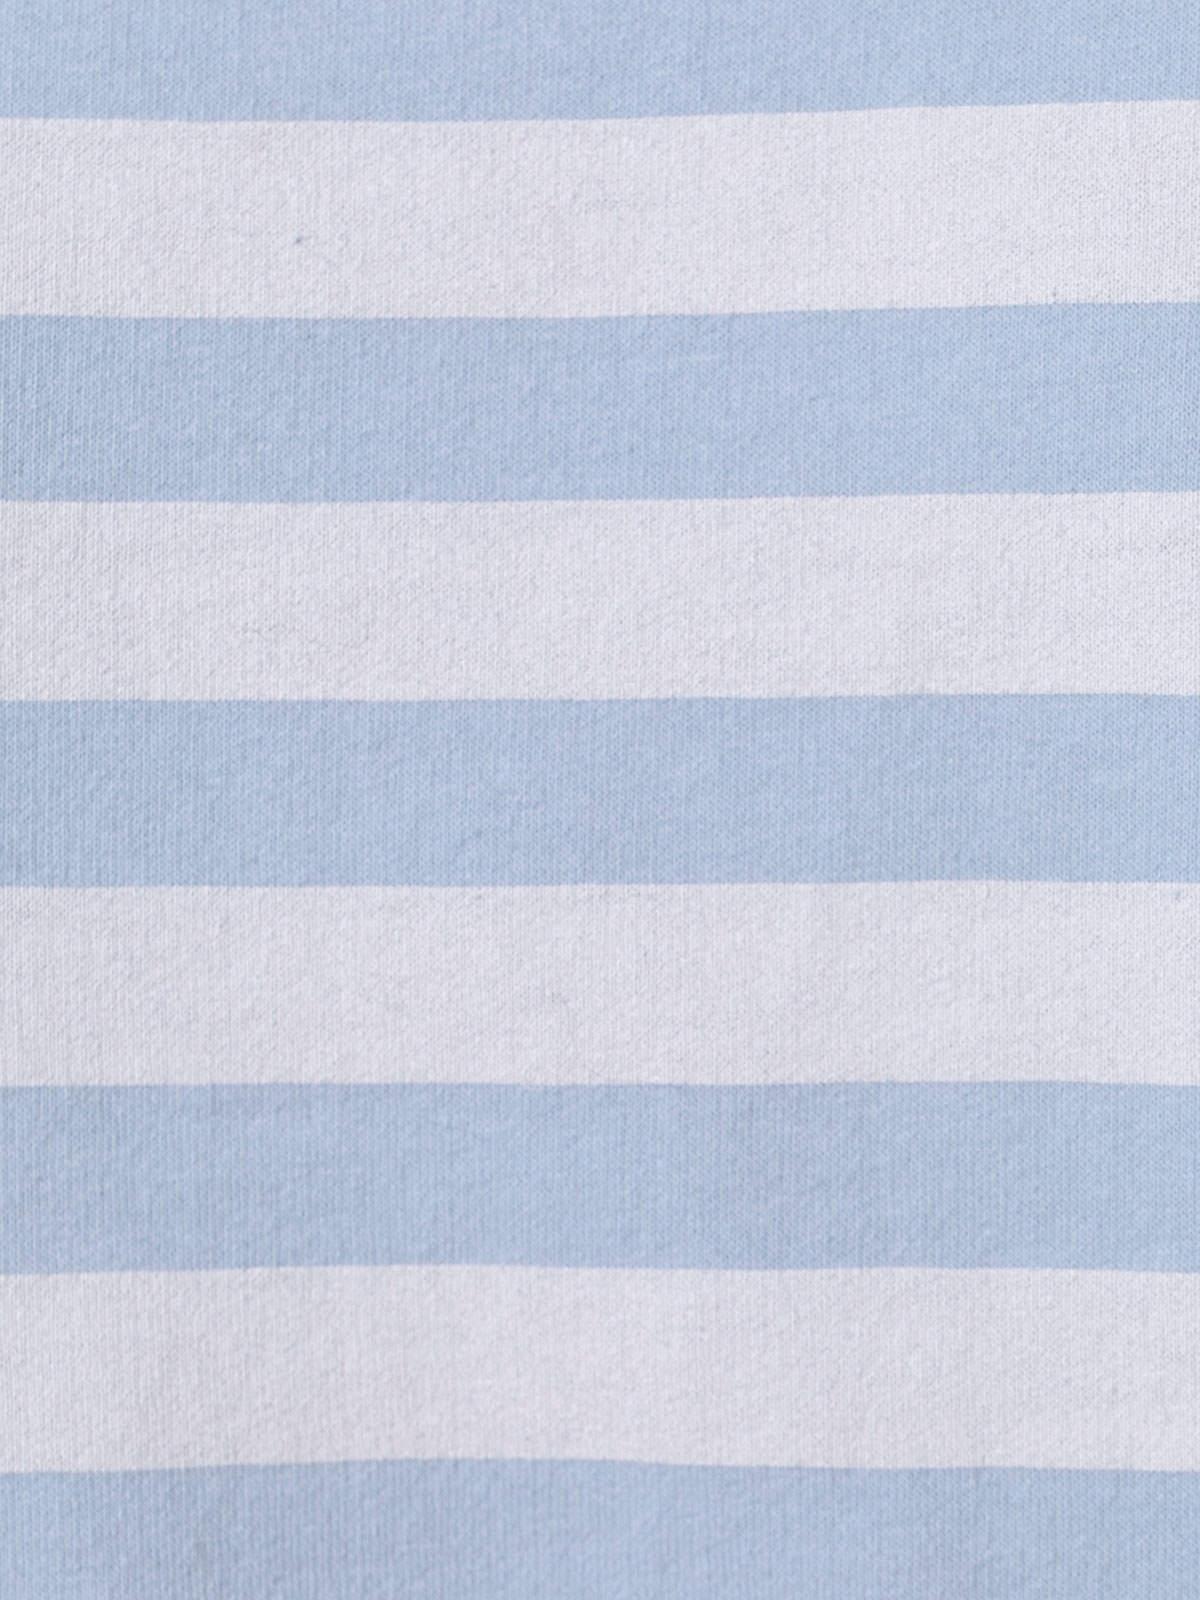 Sudadera mujer rayas cuello barco Azul